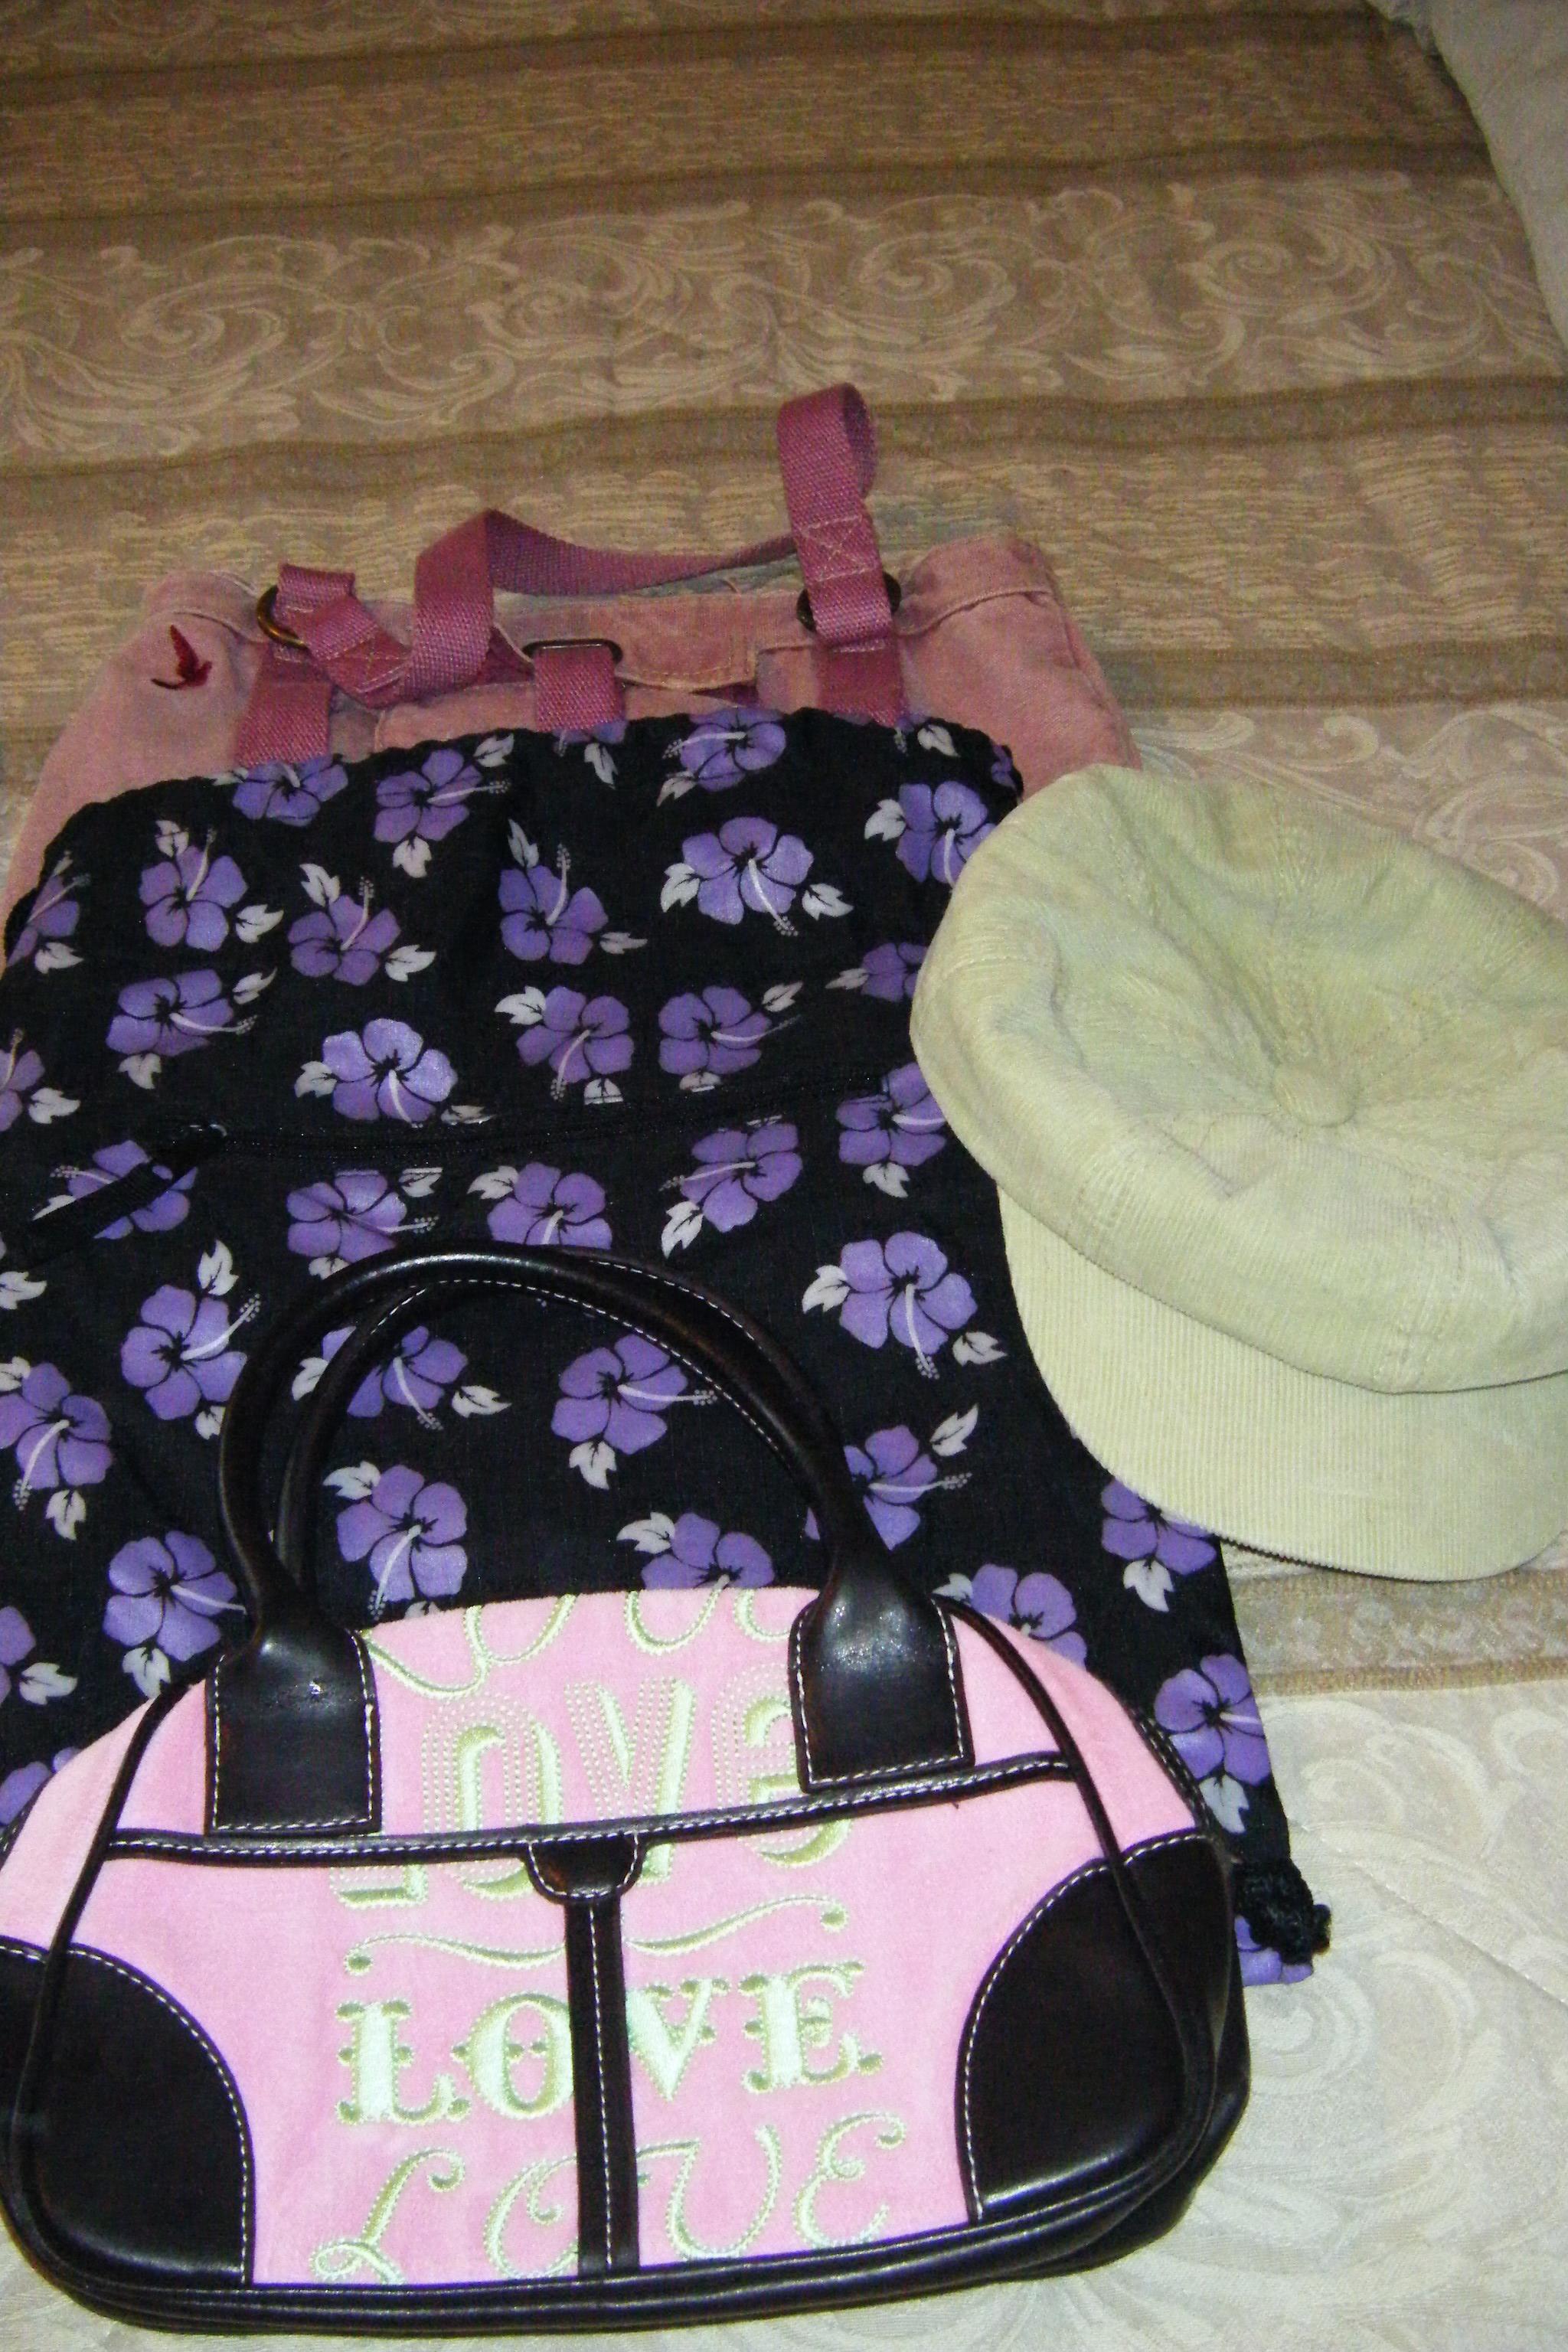 Purses/Bag/Hat